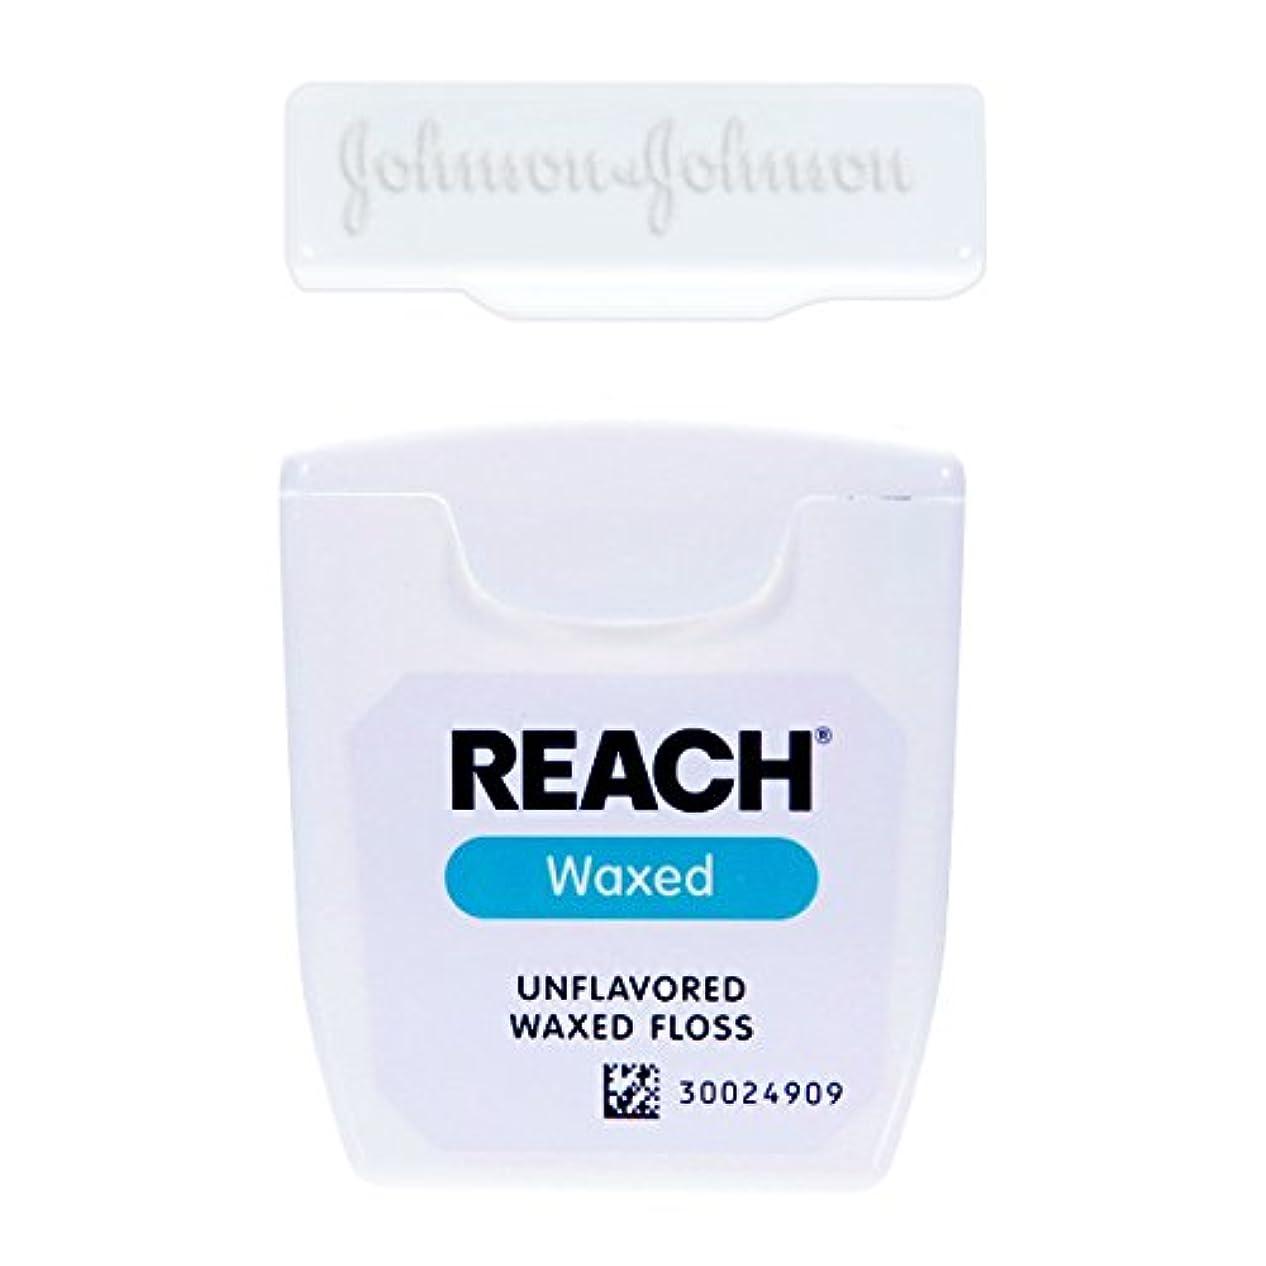 節約するルーチン協会輸入品 J&J REACH デンタル フロス 55ヤード 50.2m (ワックス?ノンフレーバー)